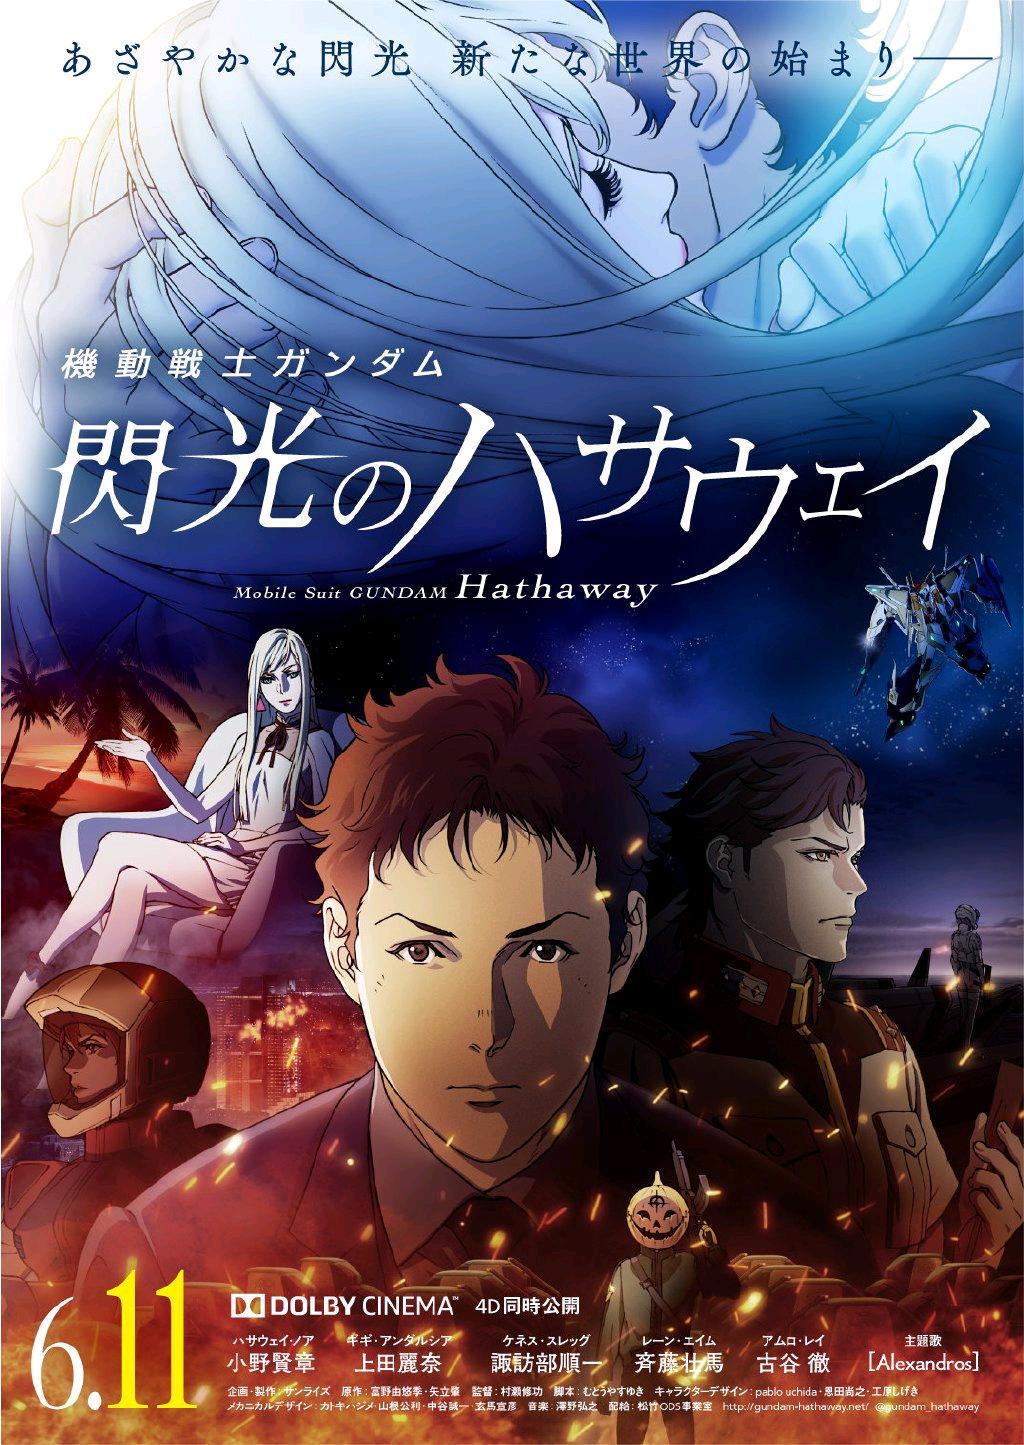 [藍光][繁中]機動戰士高達-閃光的哈薩維劇場版(1080P)